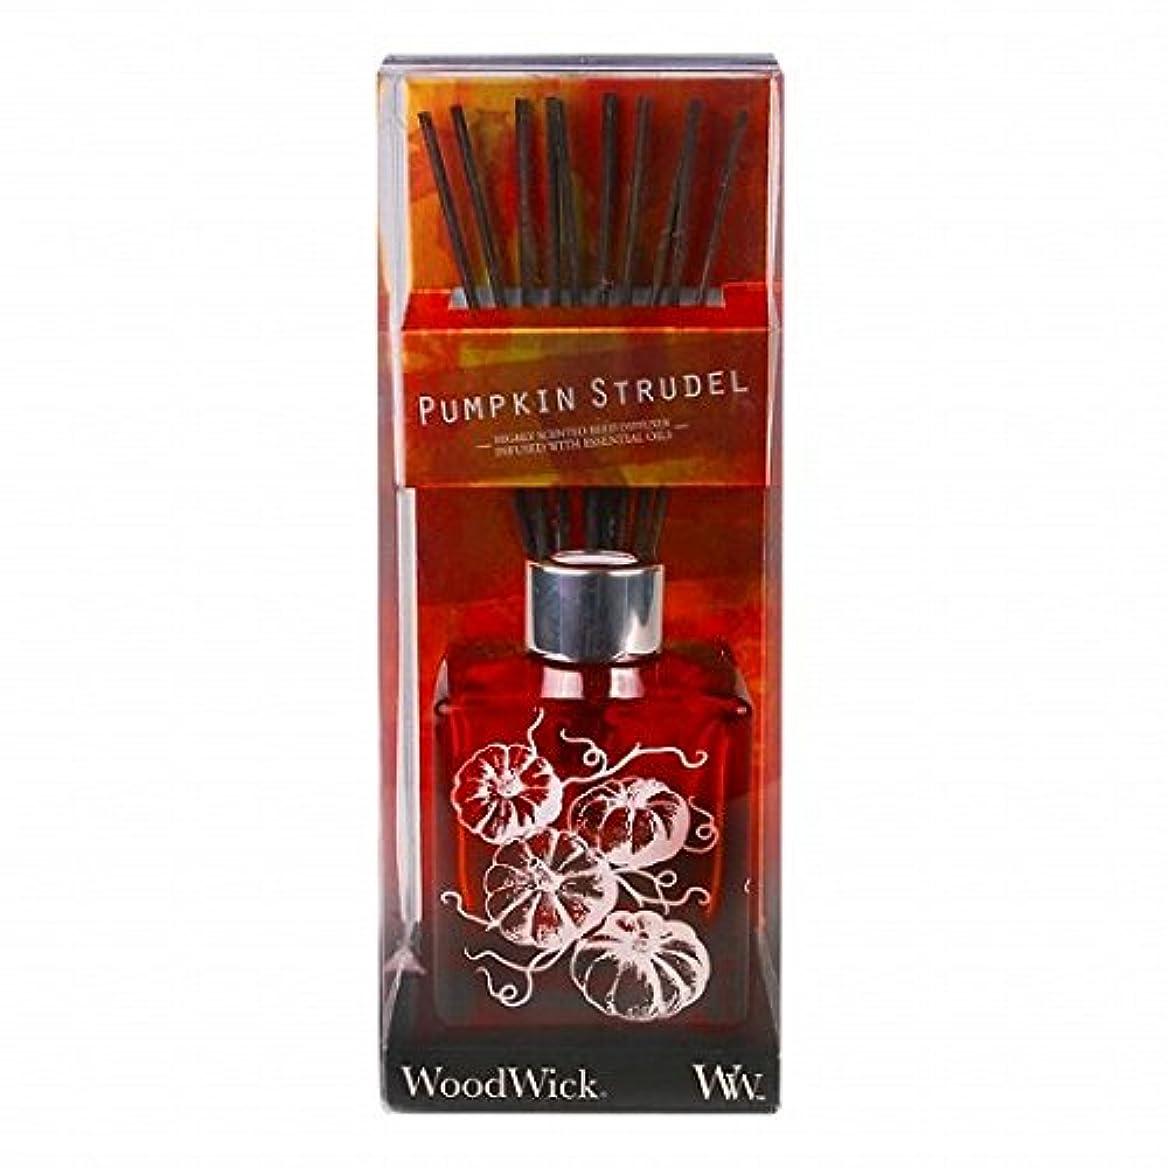 言語学すすり泣きびっくりWoodWick(ウッドウィック) Wood Wickダンシンググラスリードディフューザー 「 シュトルーデル 」 ディフューザー 68x68x105mm (W9540508)